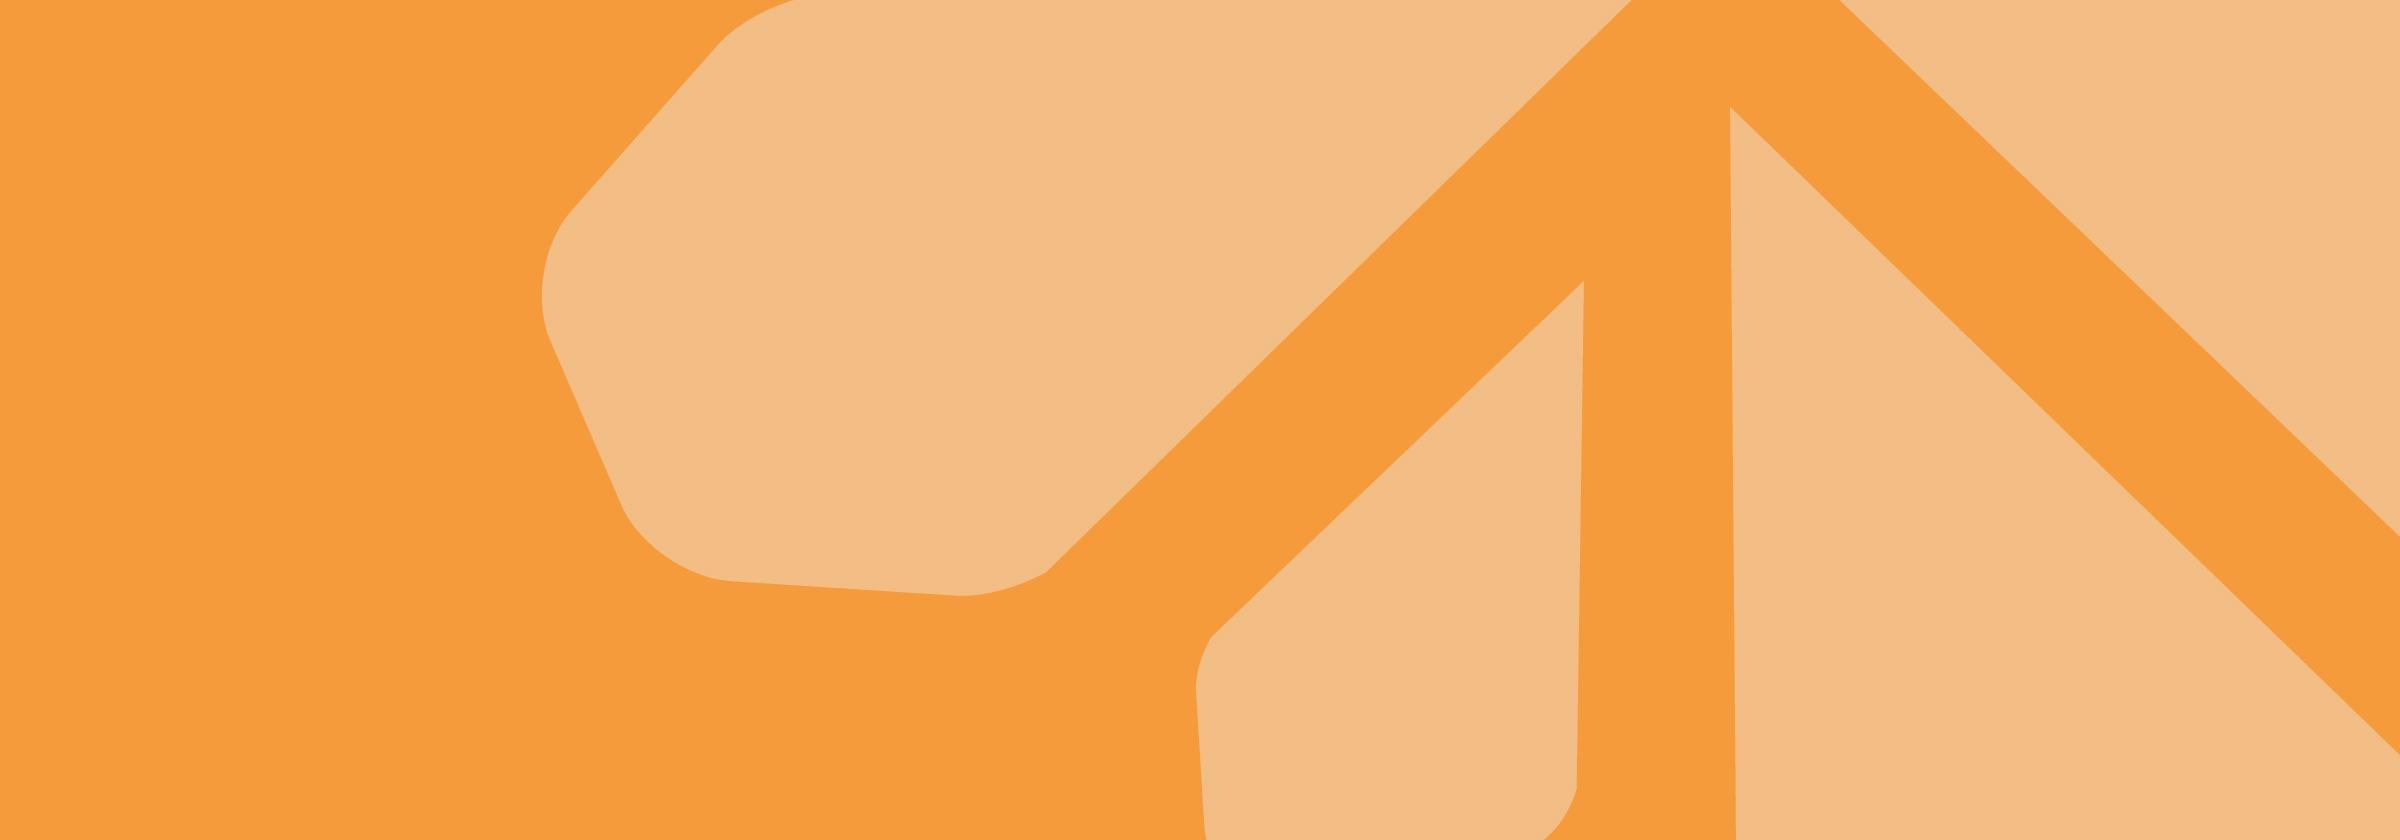 OrangeBack.jpg